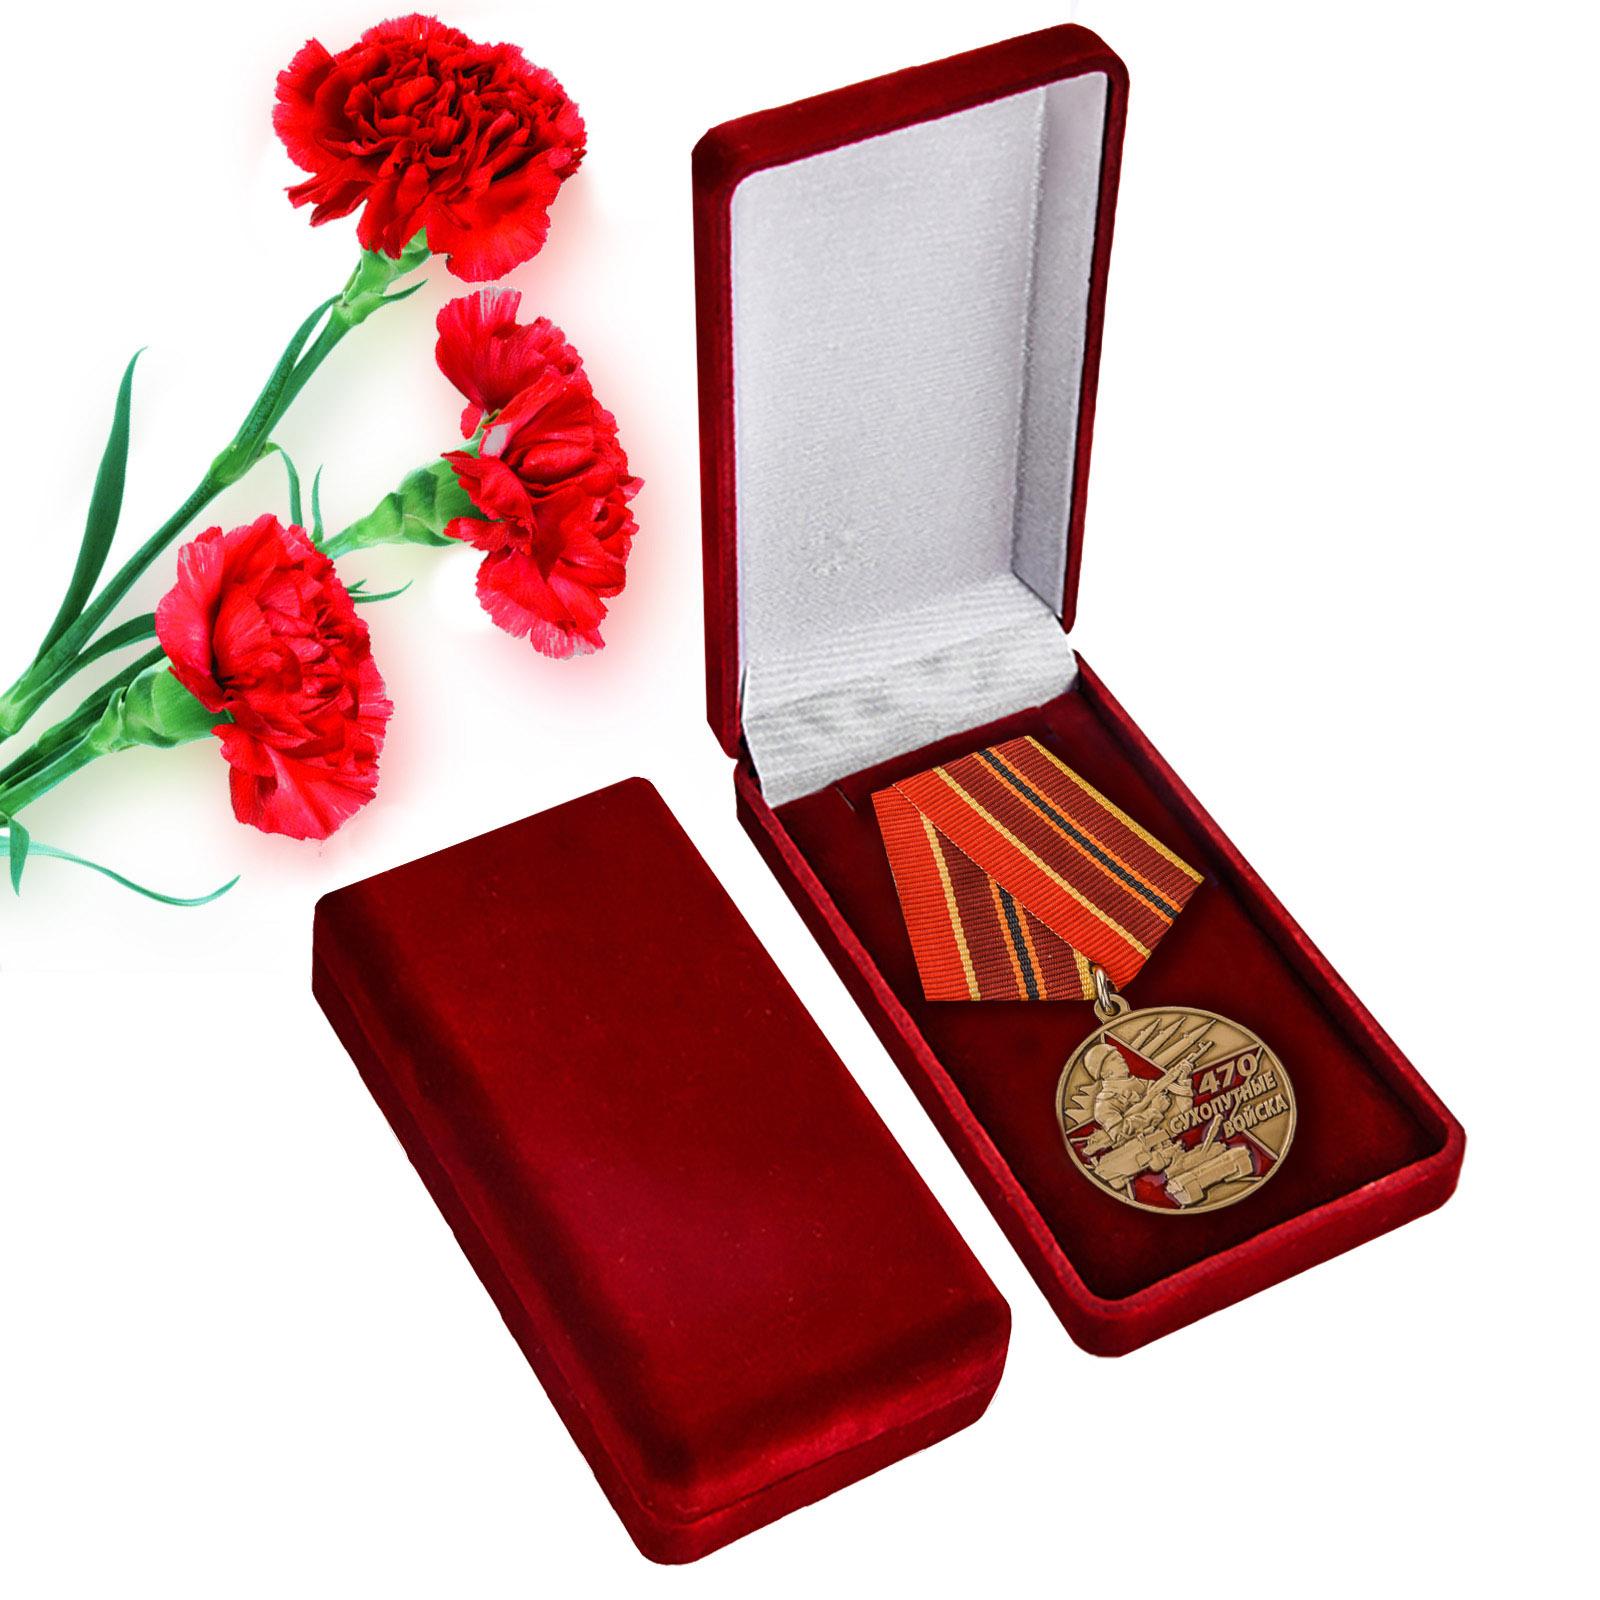 Купить медаль 470 лет Сухопутным войскам по специальной цене